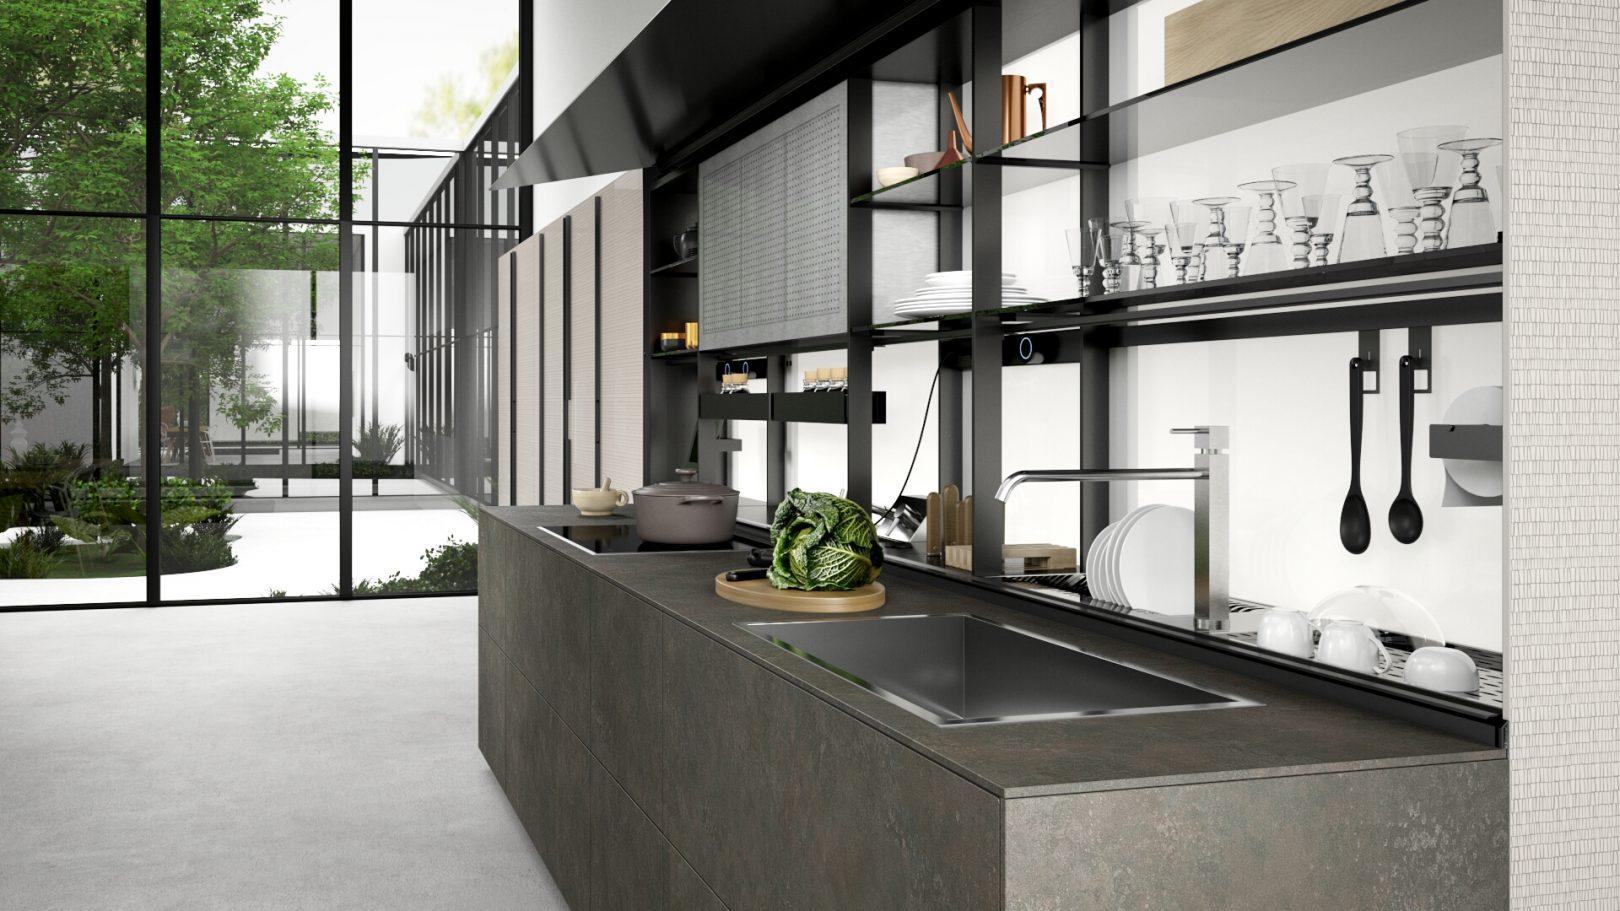 Personalizza la tua cucina su www.machina-valcucine.com